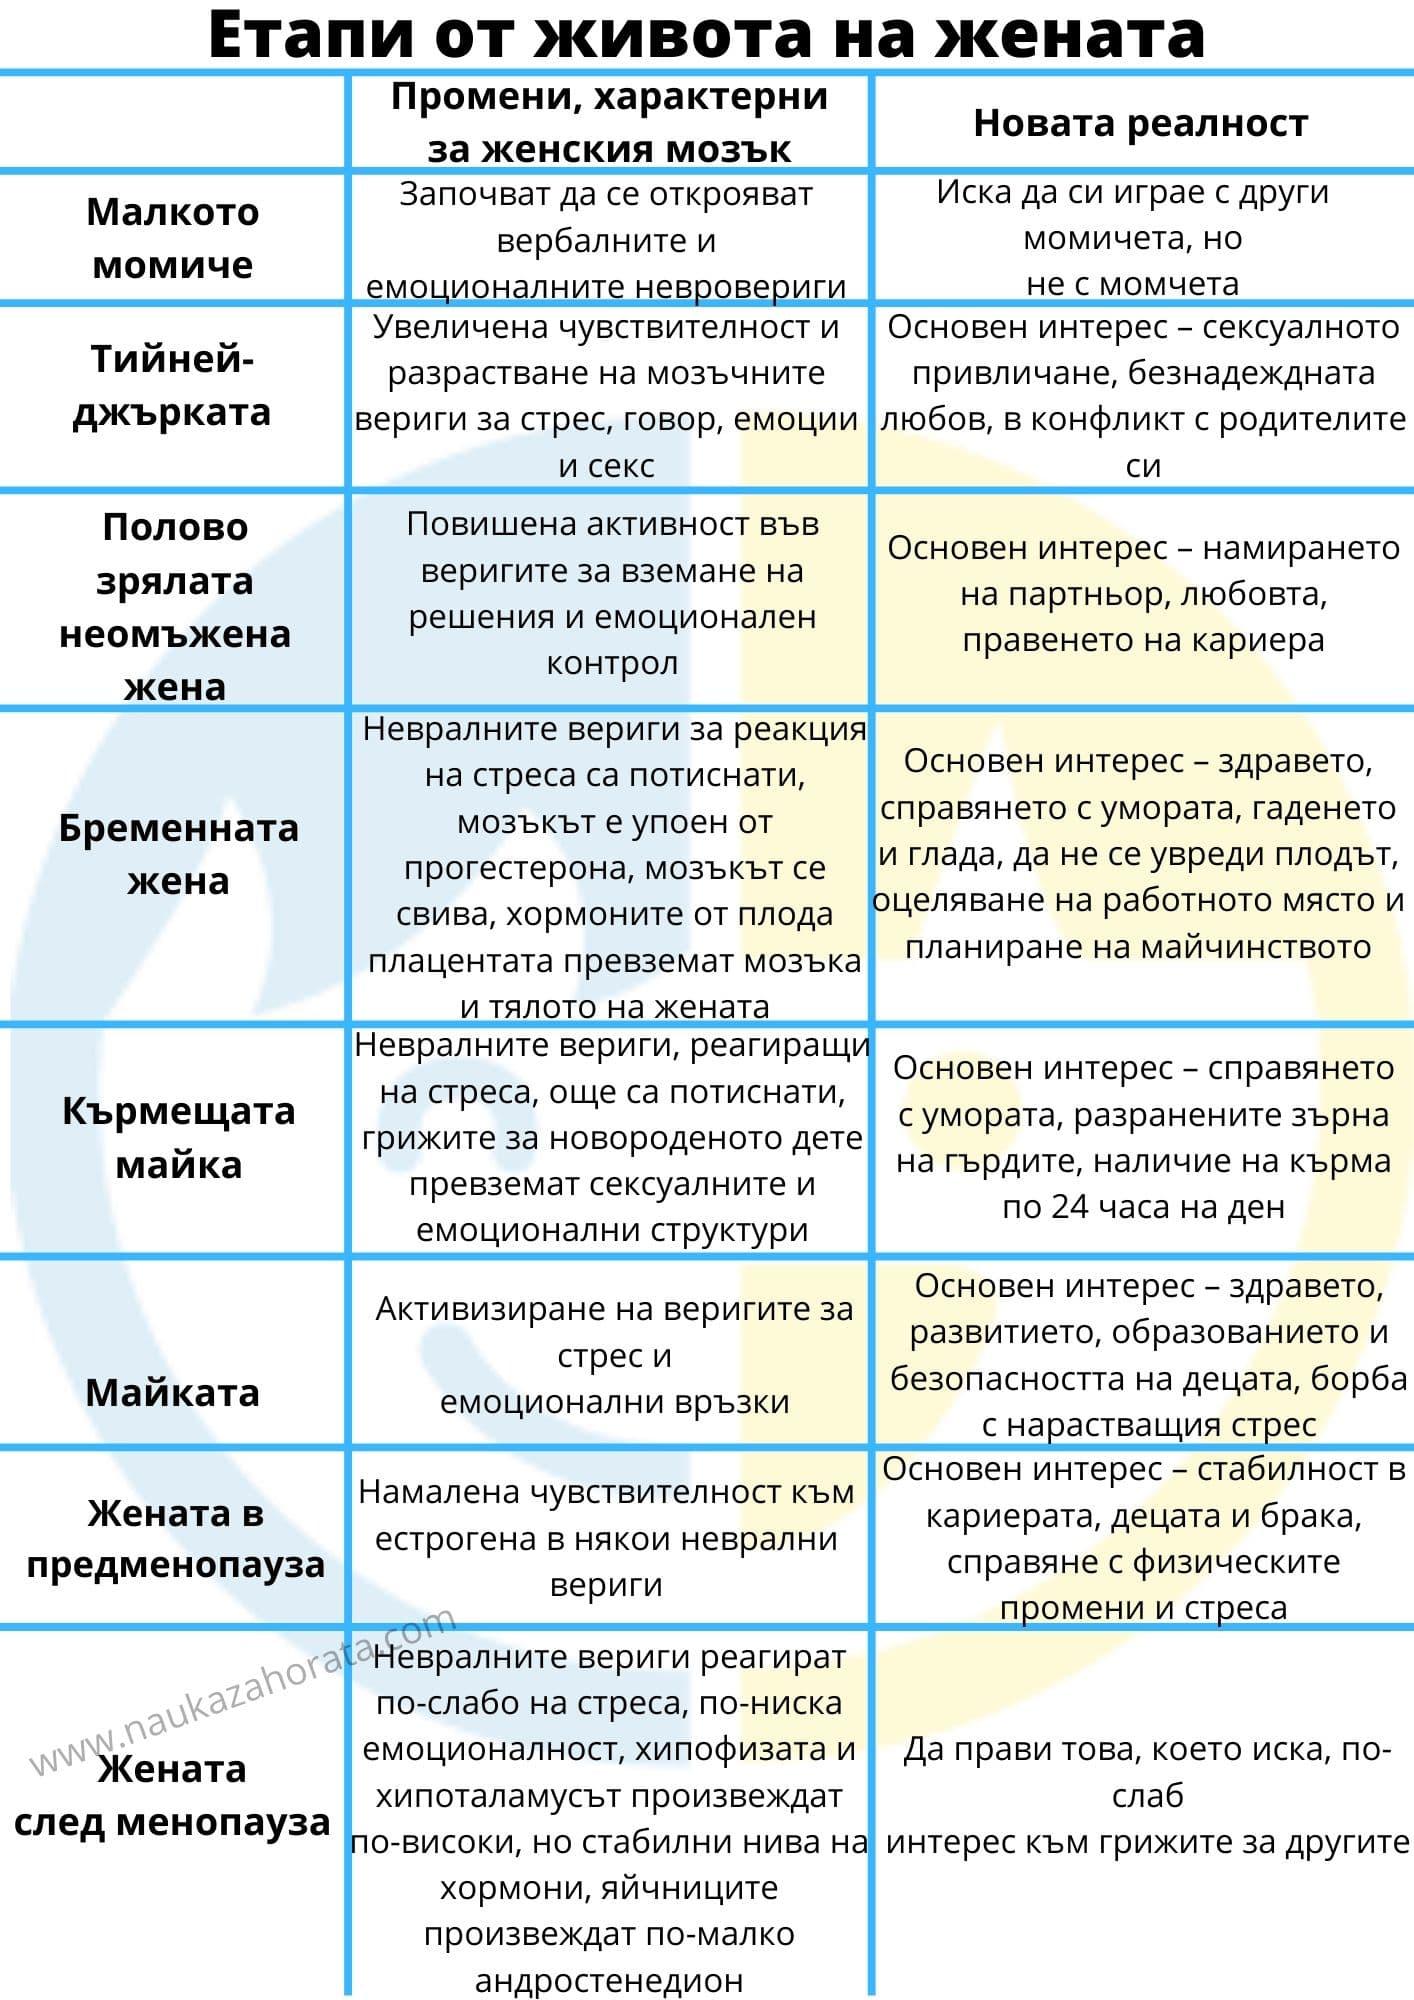 женският мозък етапи на развитие